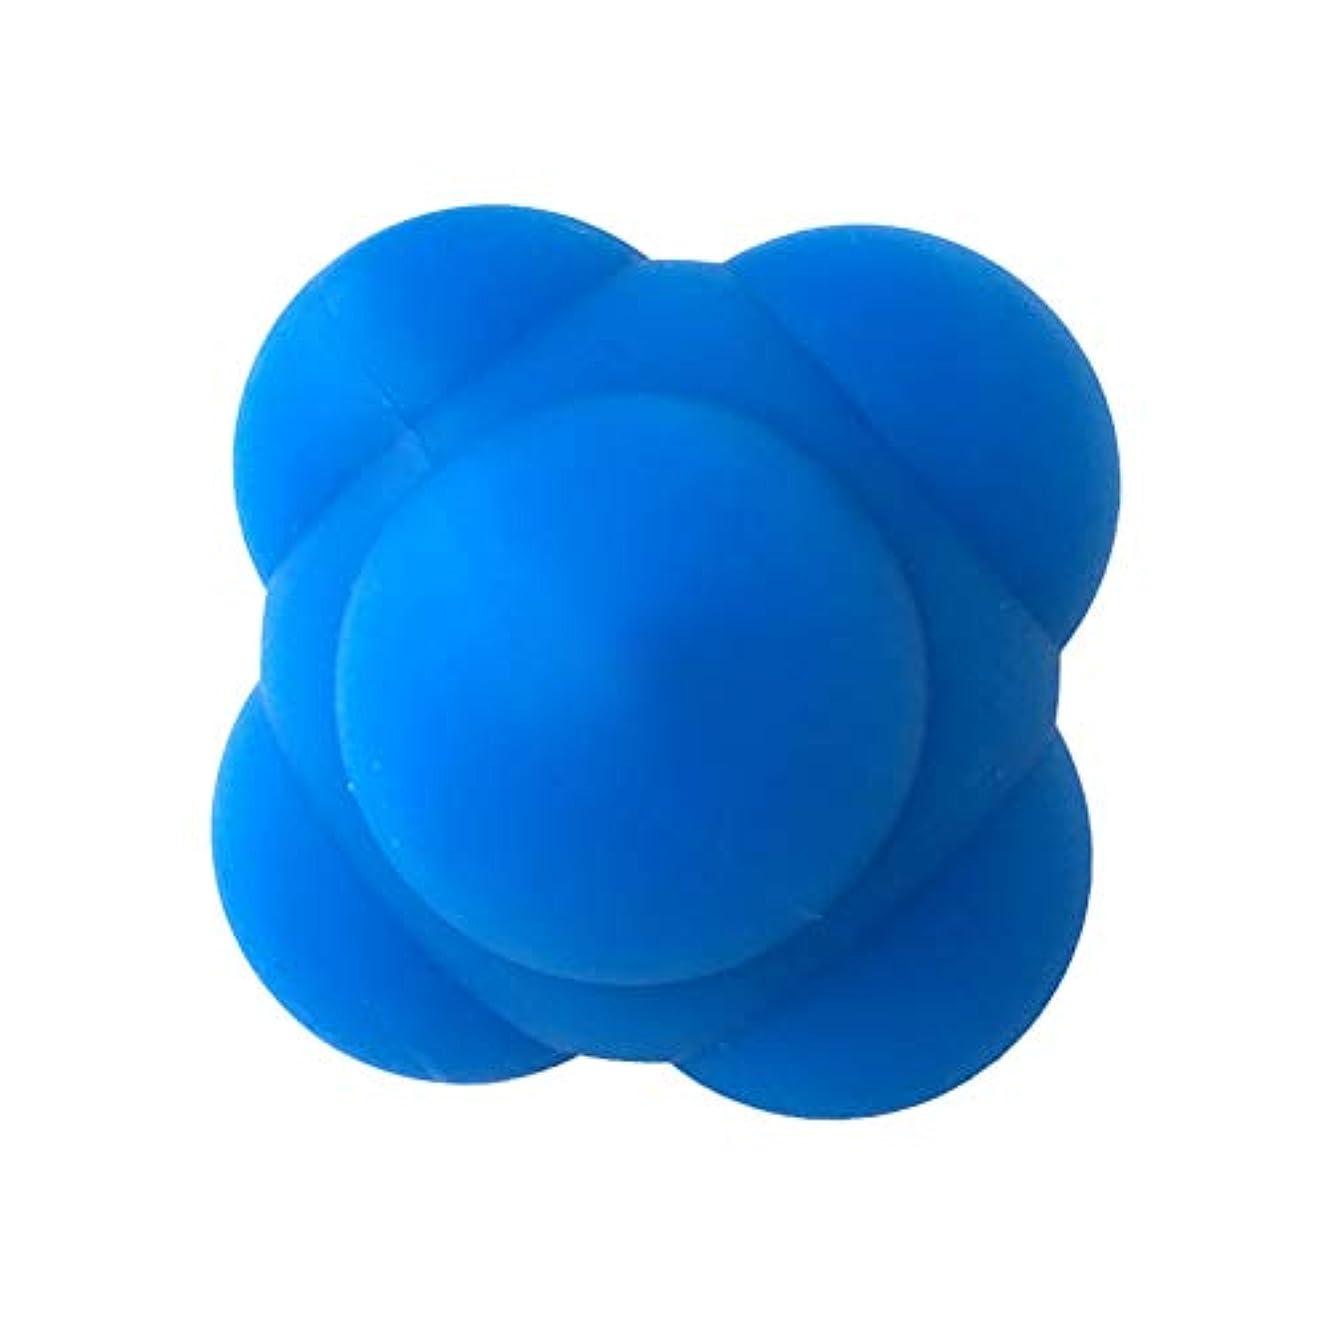 労働者教育フラフープHealifty シリコントレーニングボールフィットネスリアクションエクササイズボール速さと敏捷性トレーニングボール(青/ 6cm)